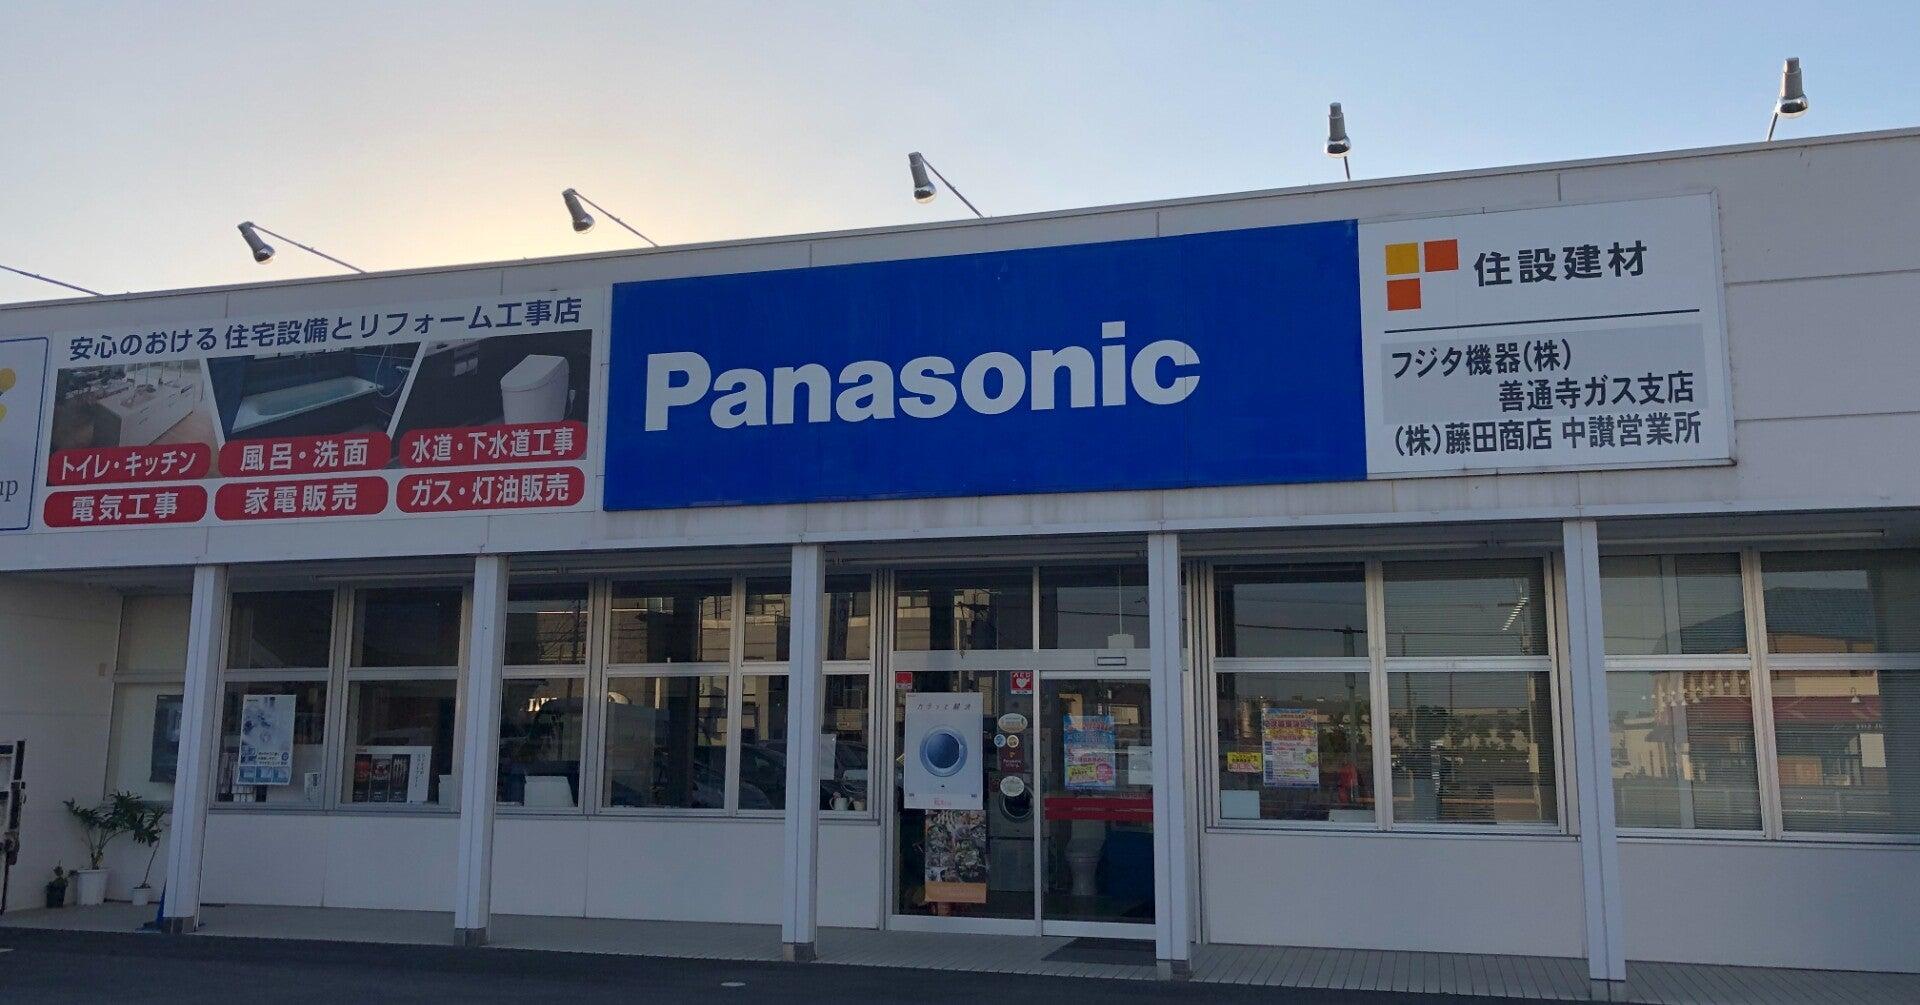 商店 藤田 株式 会社